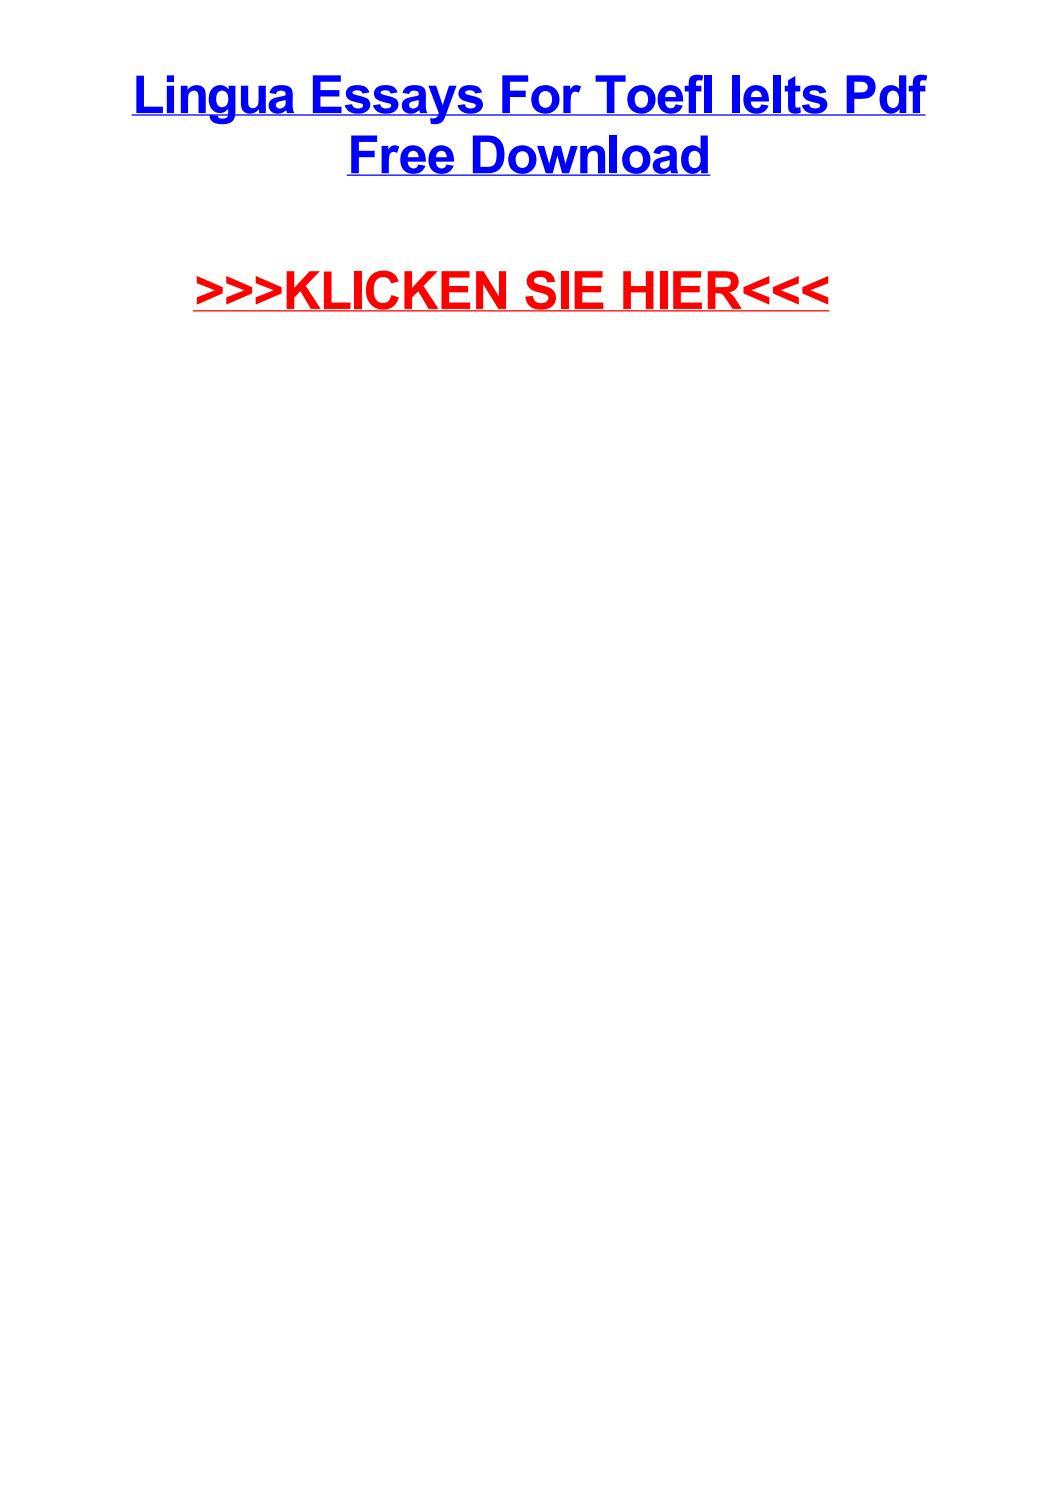 Ielts lingua toefl pdf for essays